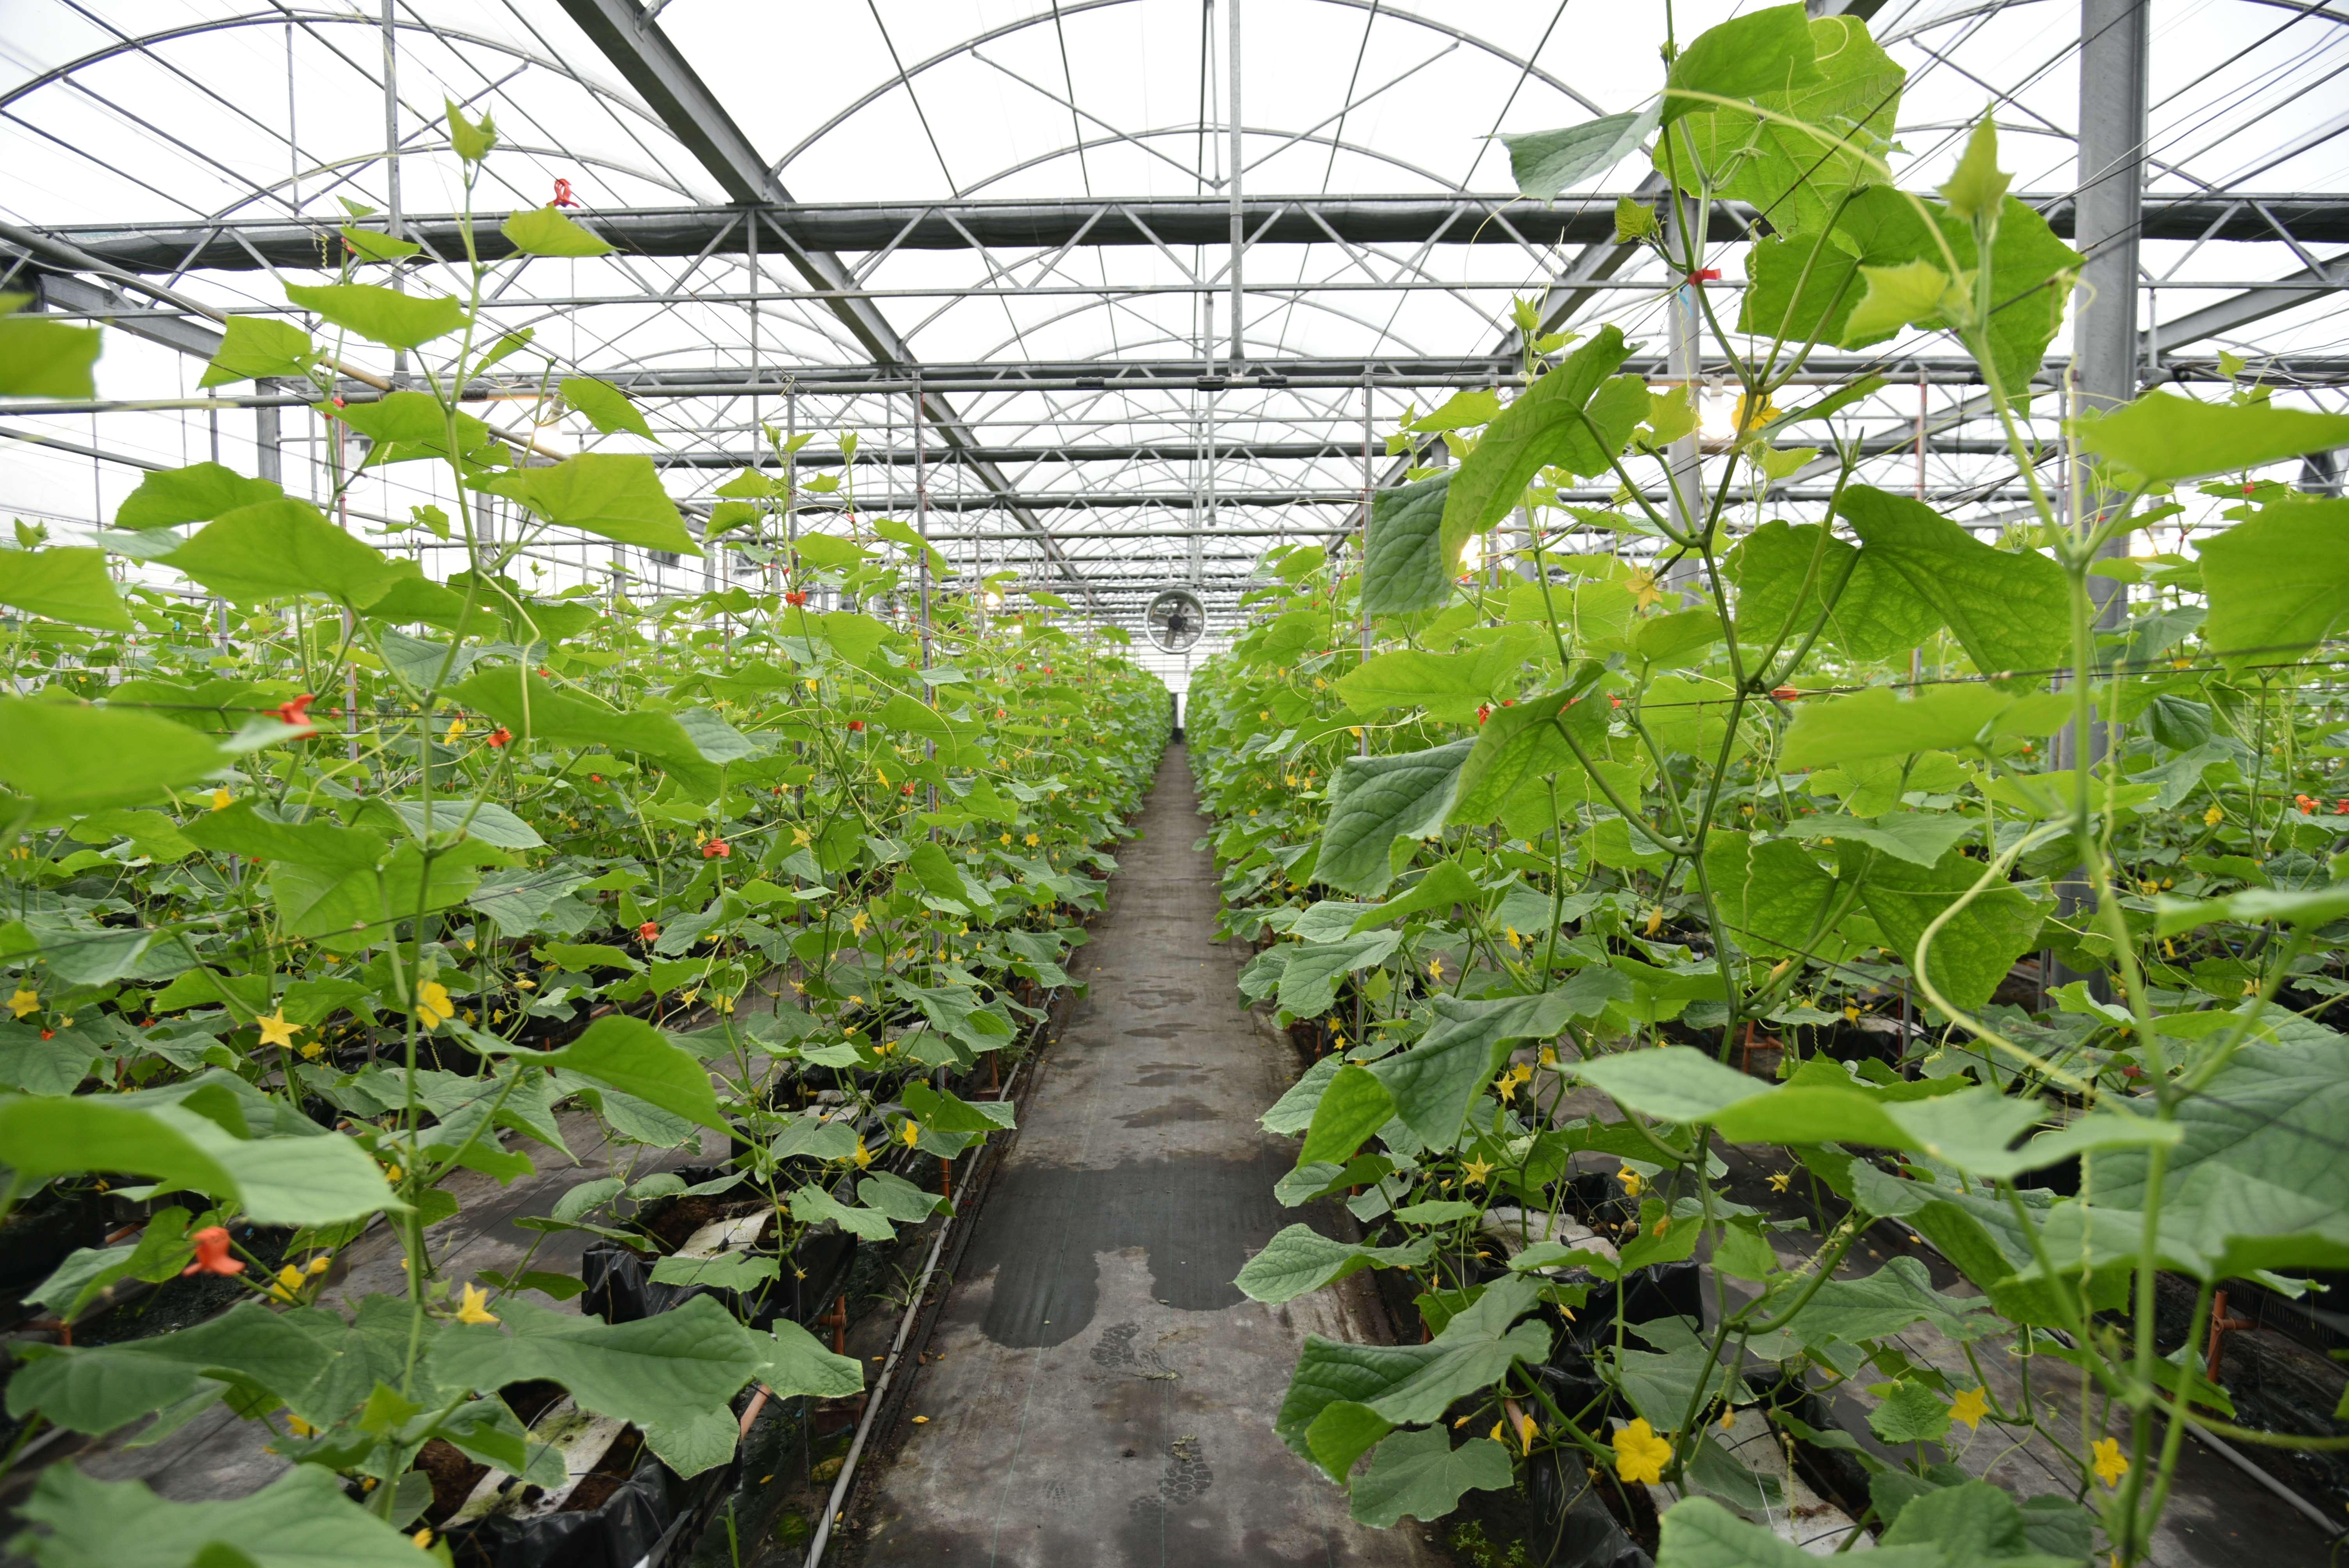 微醺農場於溫室內建立小黃瓜離地式介質栽培的標準化作業程序